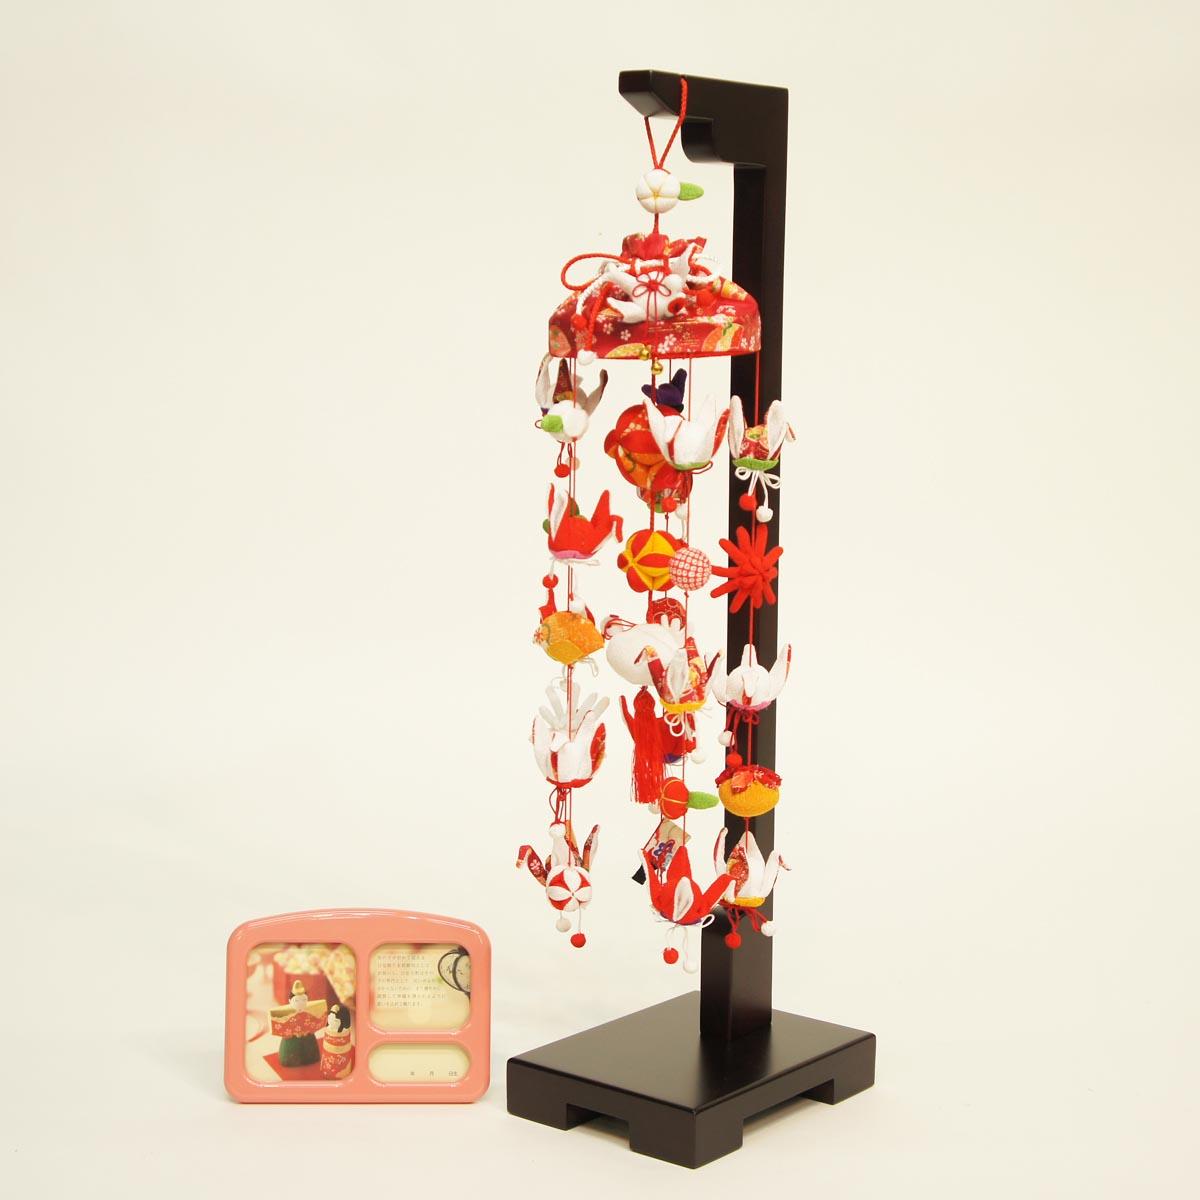 祝鶴 (小) スタンド付き オルゴール付き TRS-BK-SB-E002S送料無料 ※北海道 沖縄は除く つるし雛 吊るし飾り で 桃の節句 雛祭り ひな祭り 雛人形 のお祝いに